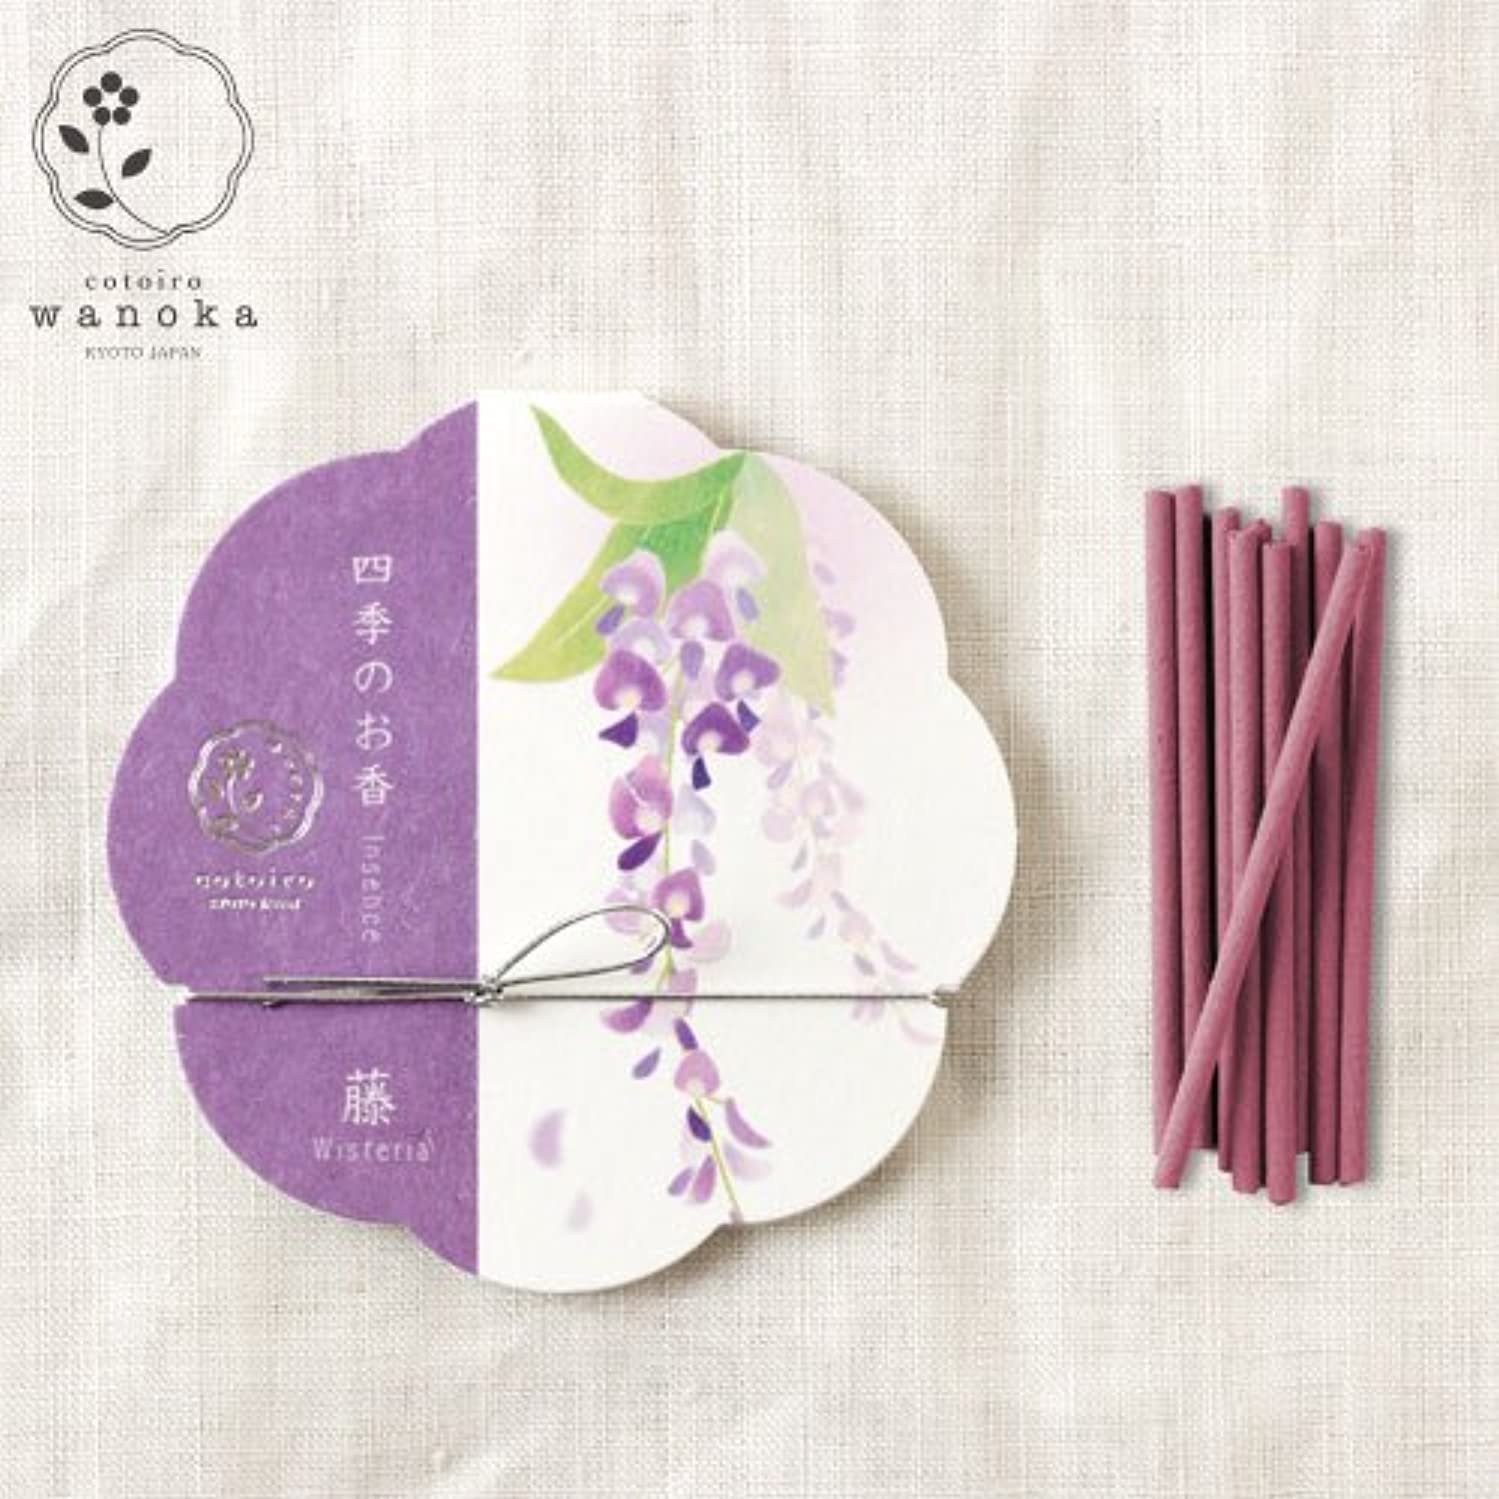 不快な笑い料理wanoka四季のお香(インセンス)藤《藤をイメージした華やかな香り》ART LABIncense stick